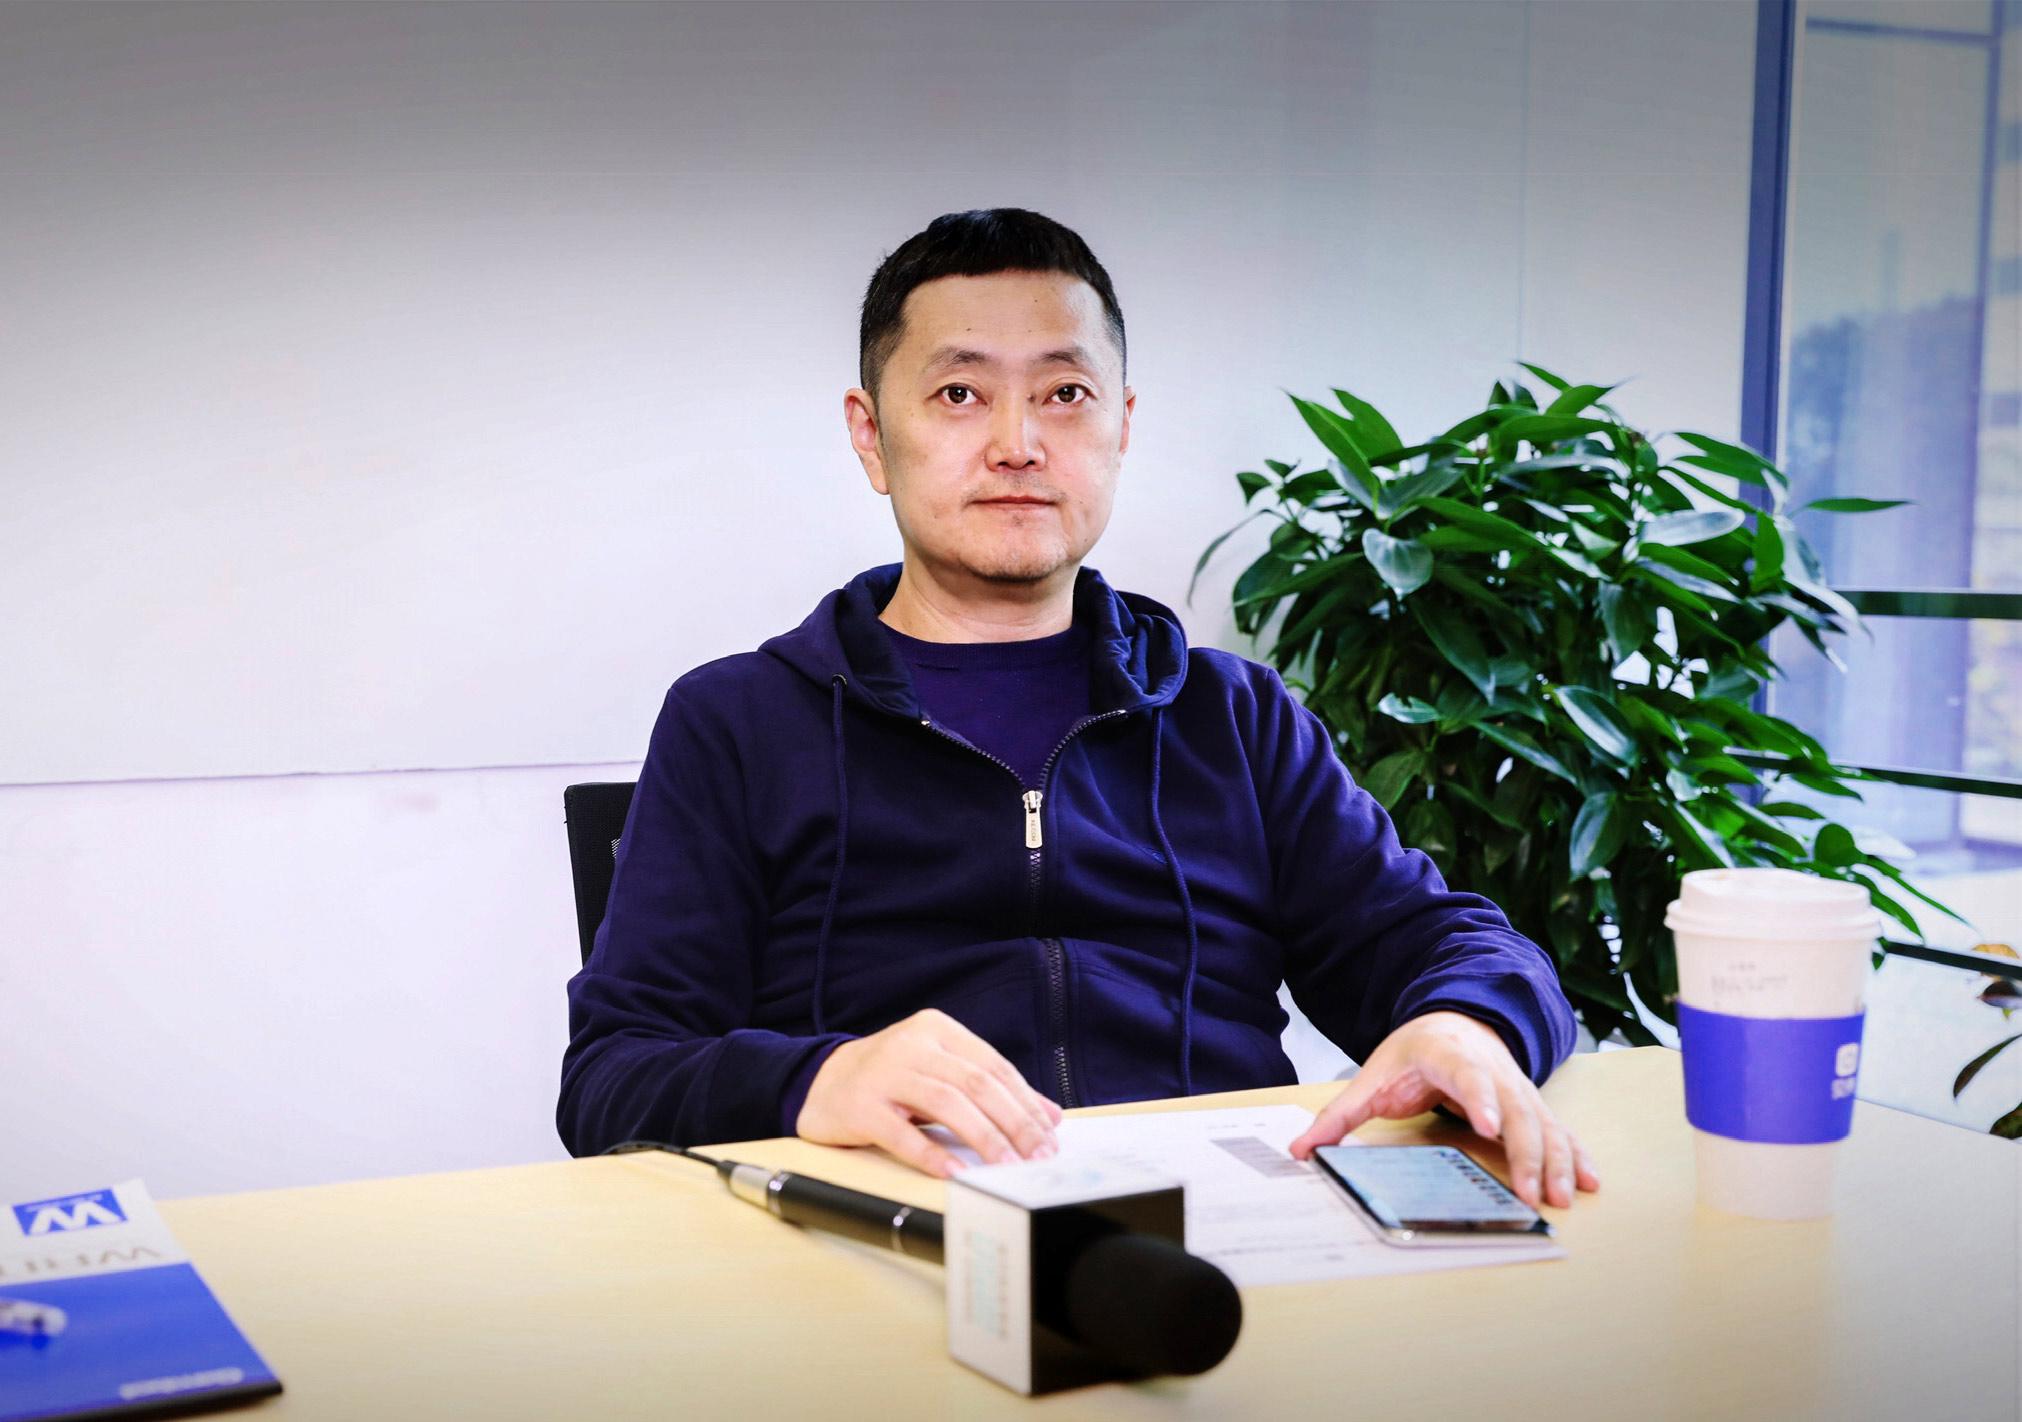 链家董事长左晖:未来房地产的发展仍然要坚持市场化